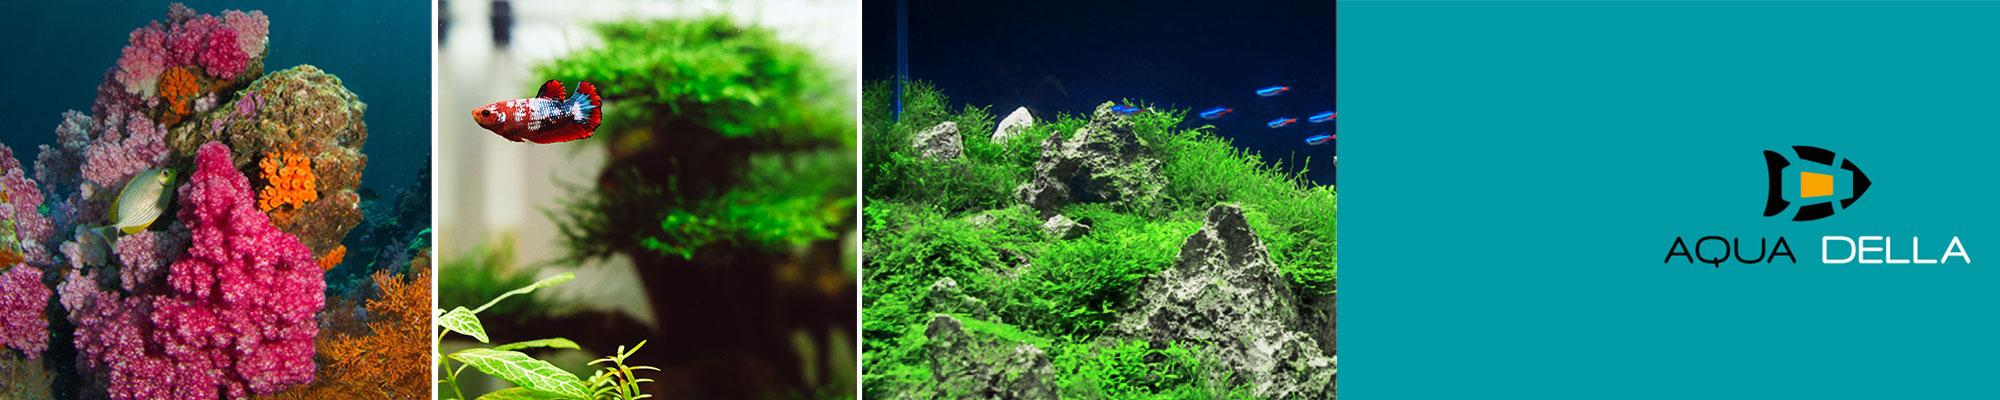 Aqua Della Aquarium Dekoration